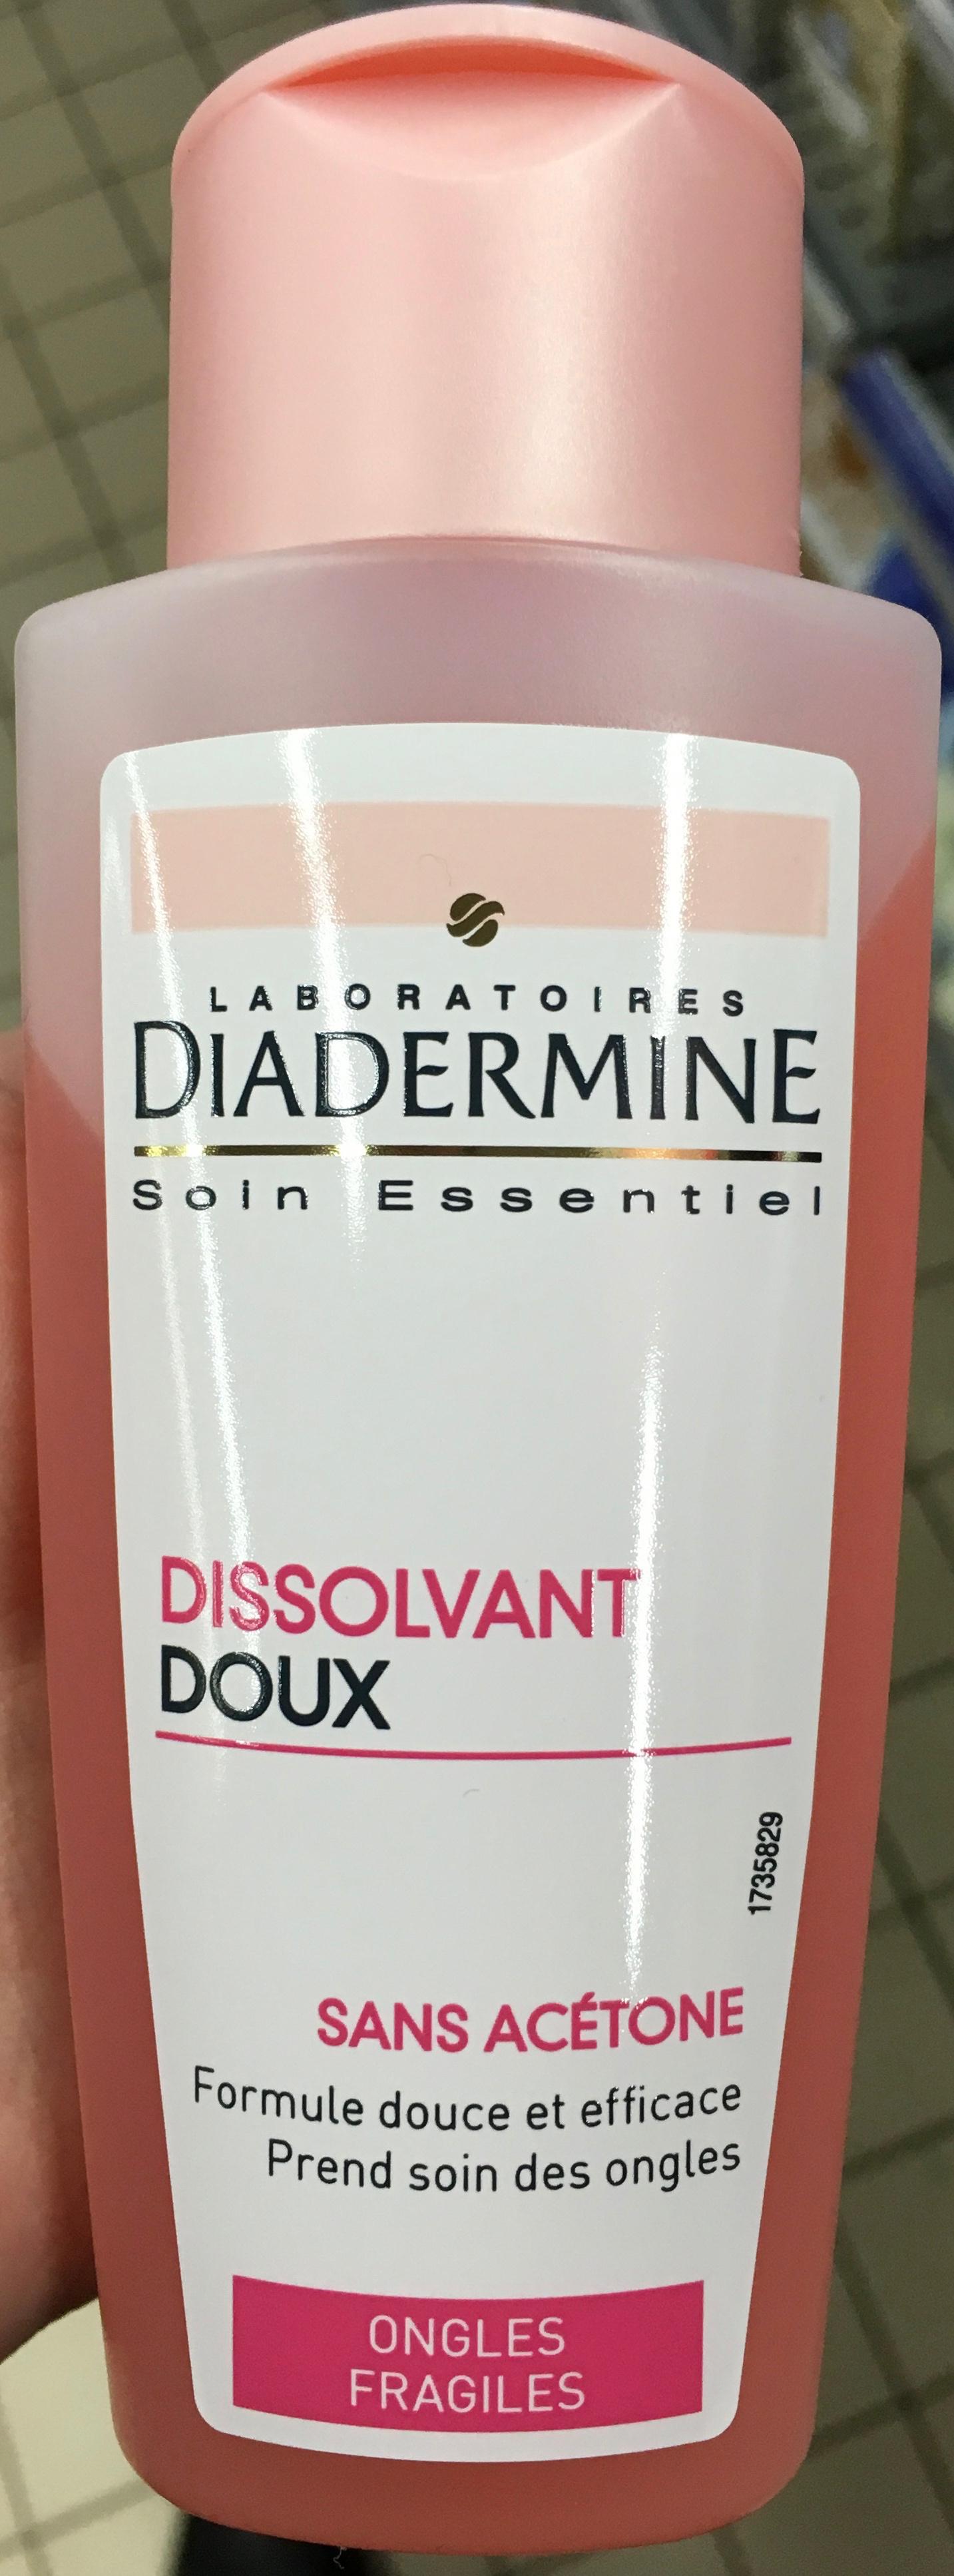 Dissolvant Doux sans acétone - Produit - fr